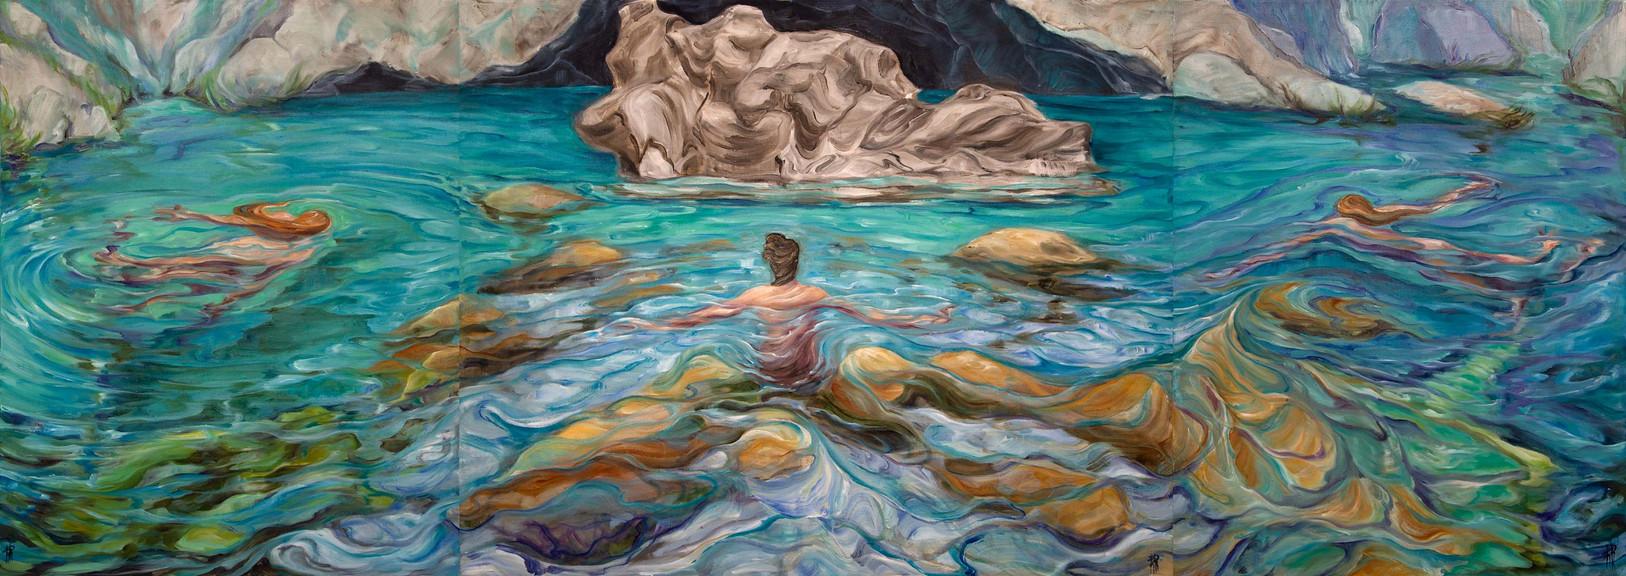 La baignade des déesses